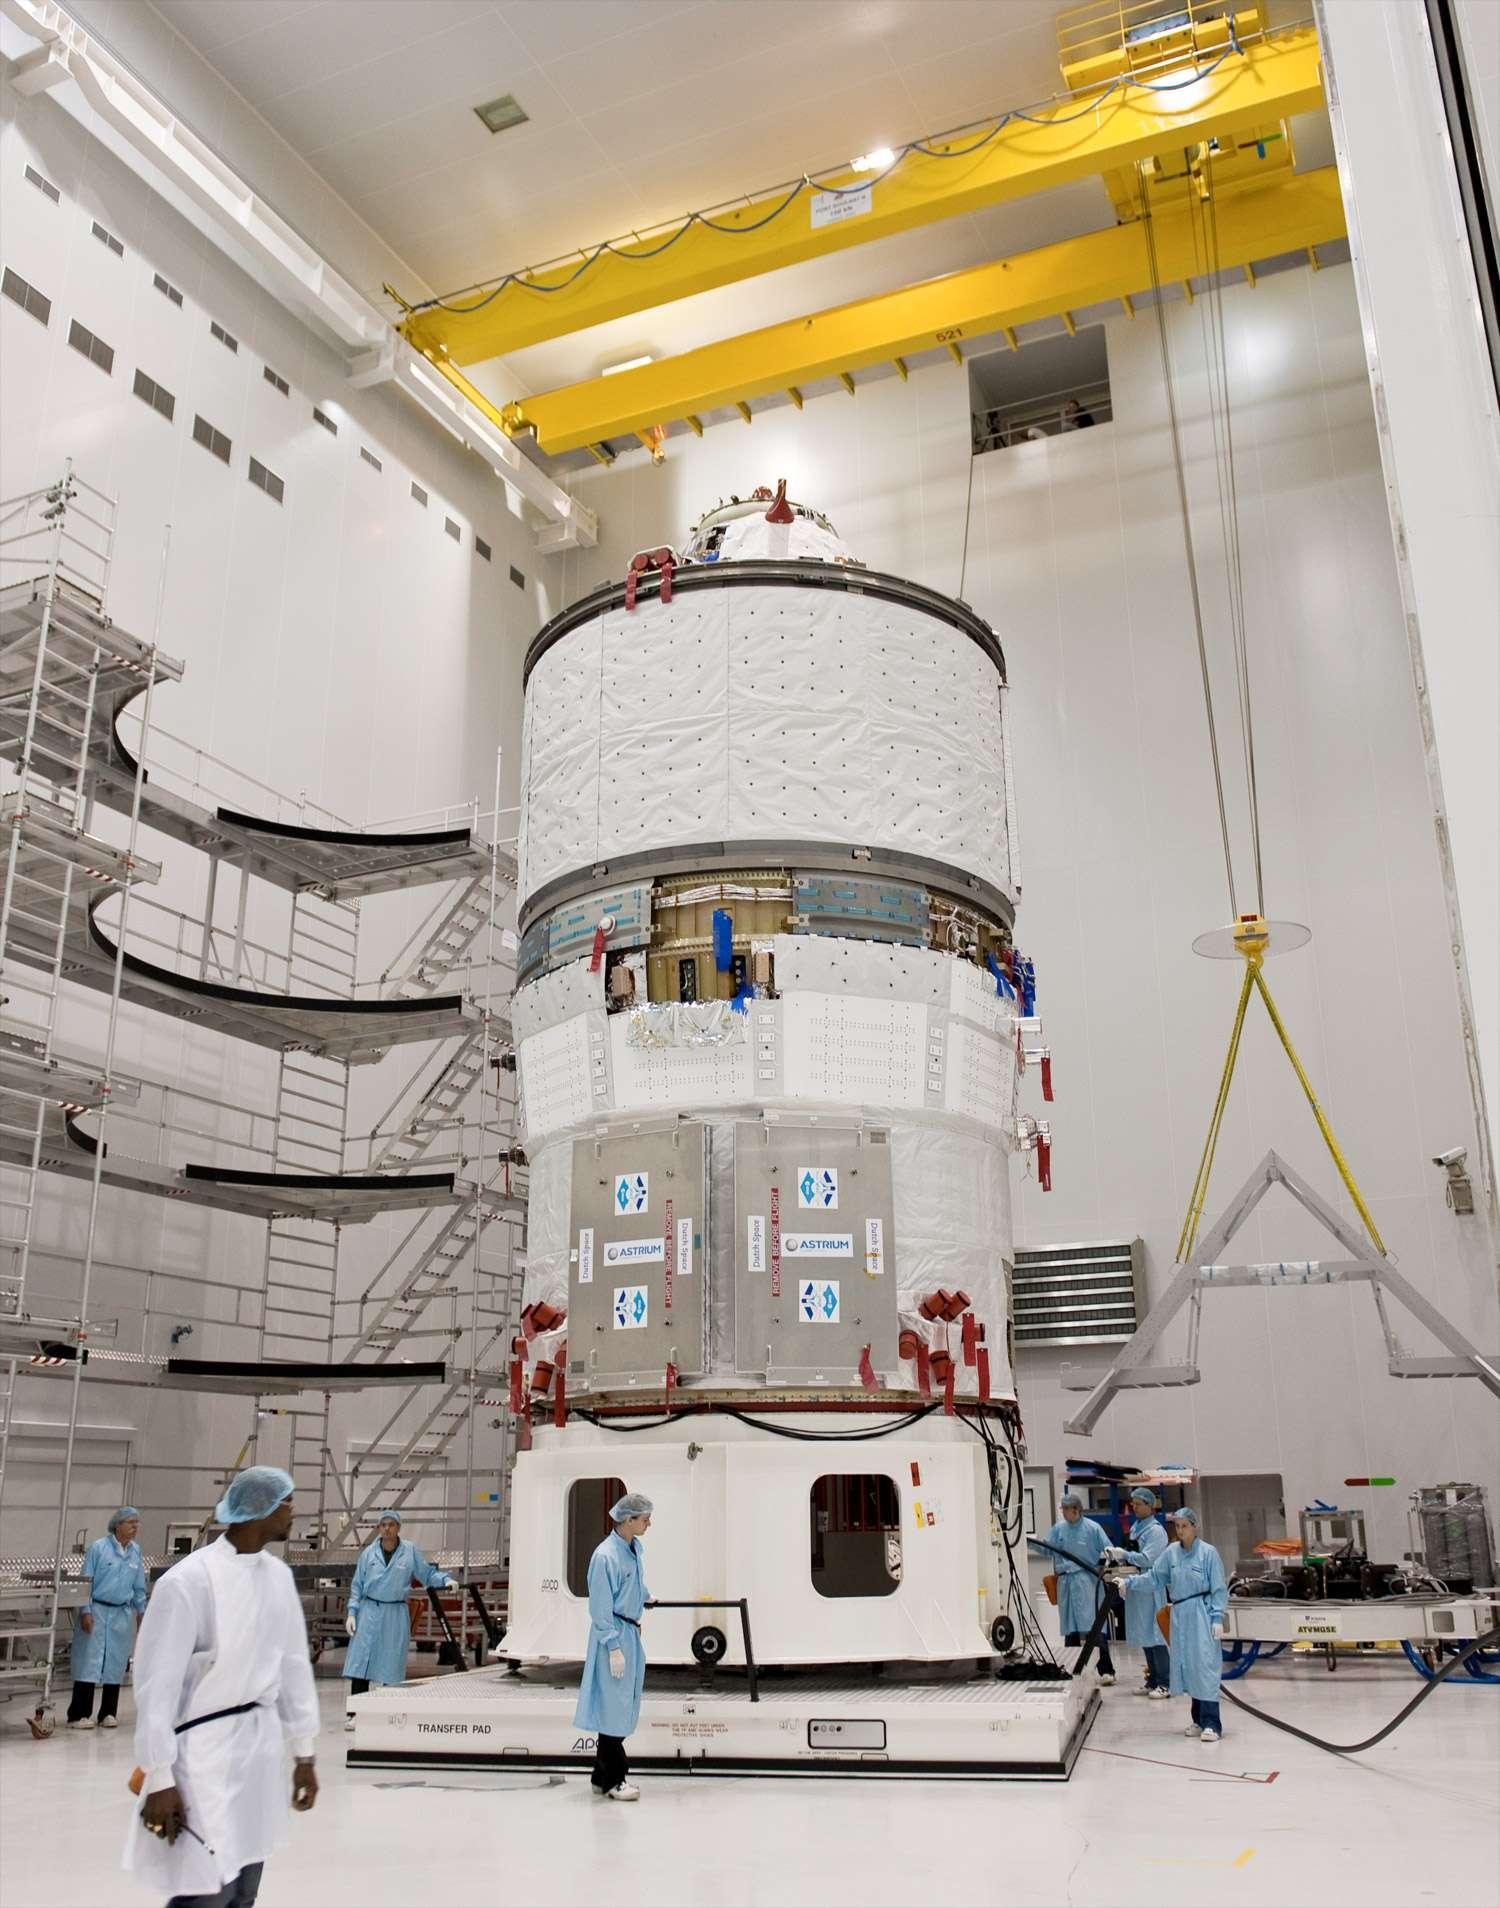 L'ATV-2 Johannes Kepler dans les locaux du centre spatial de Kourou, avant son installation dans la coiffe du lanceur Ariane 5. © Esa/S. Corvaja